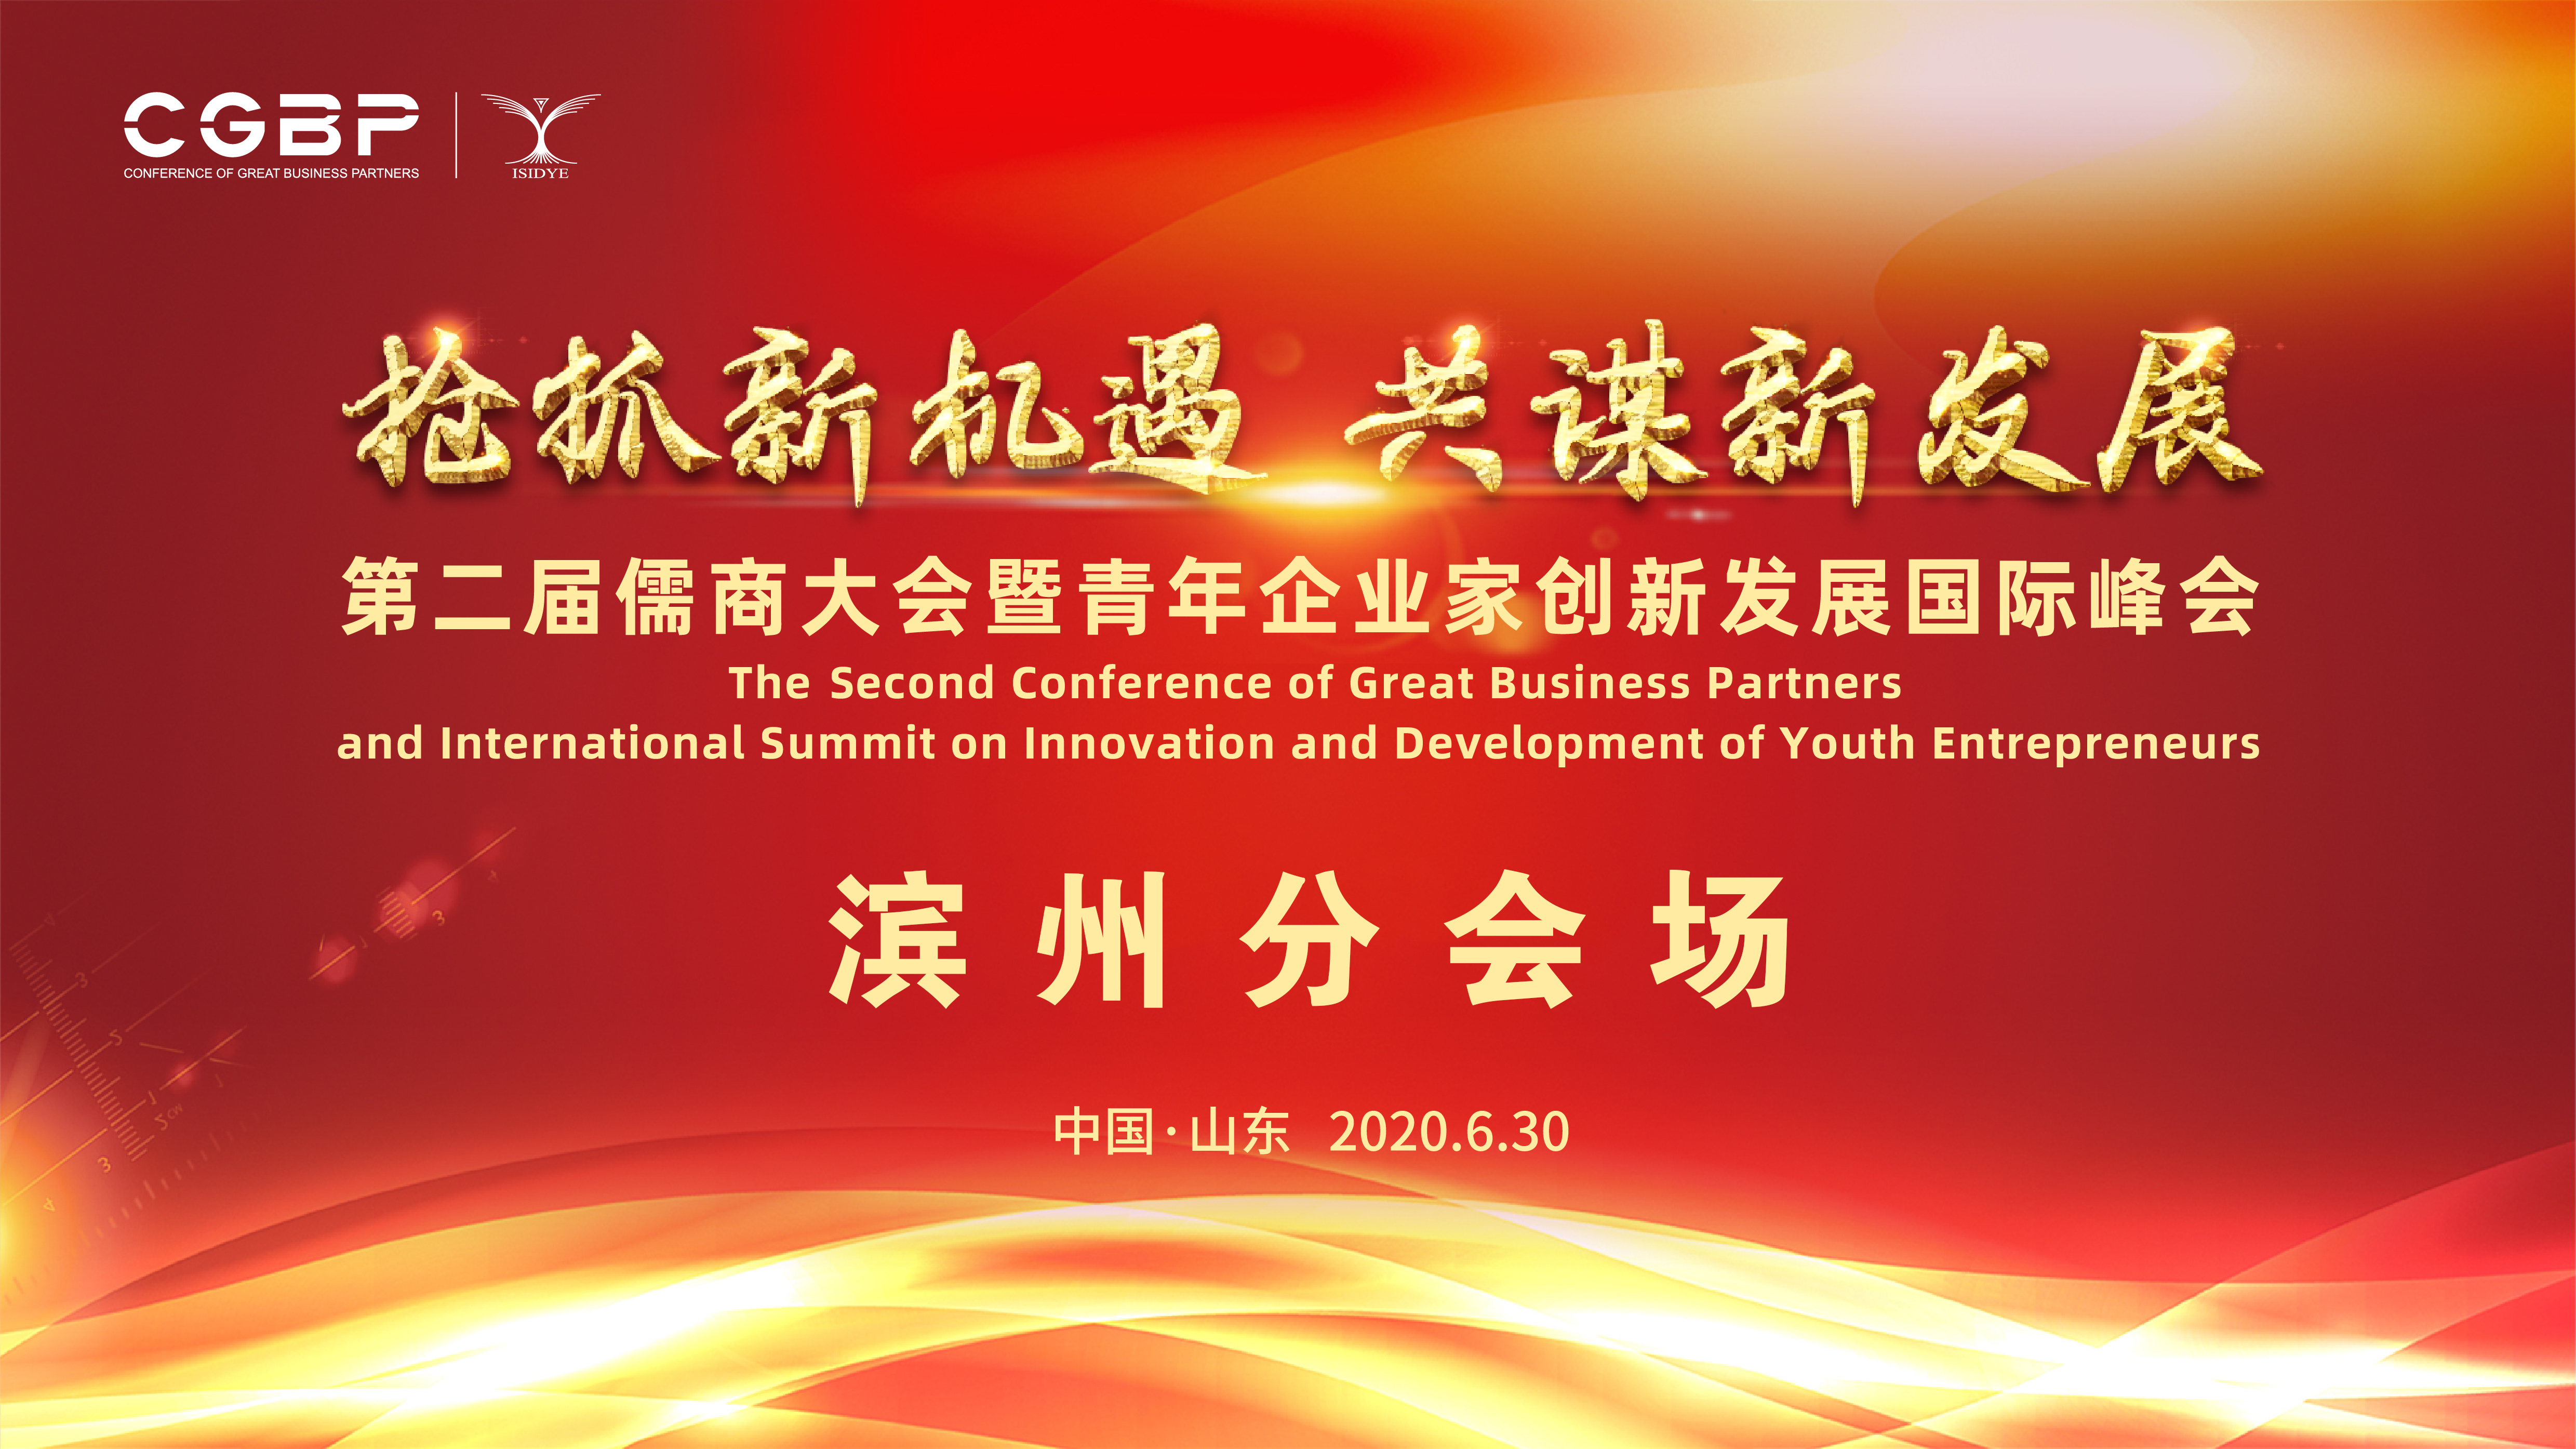 直播预告|滨州网带您观看第二届儒商大会暨青年企业家创新发展国际峰会